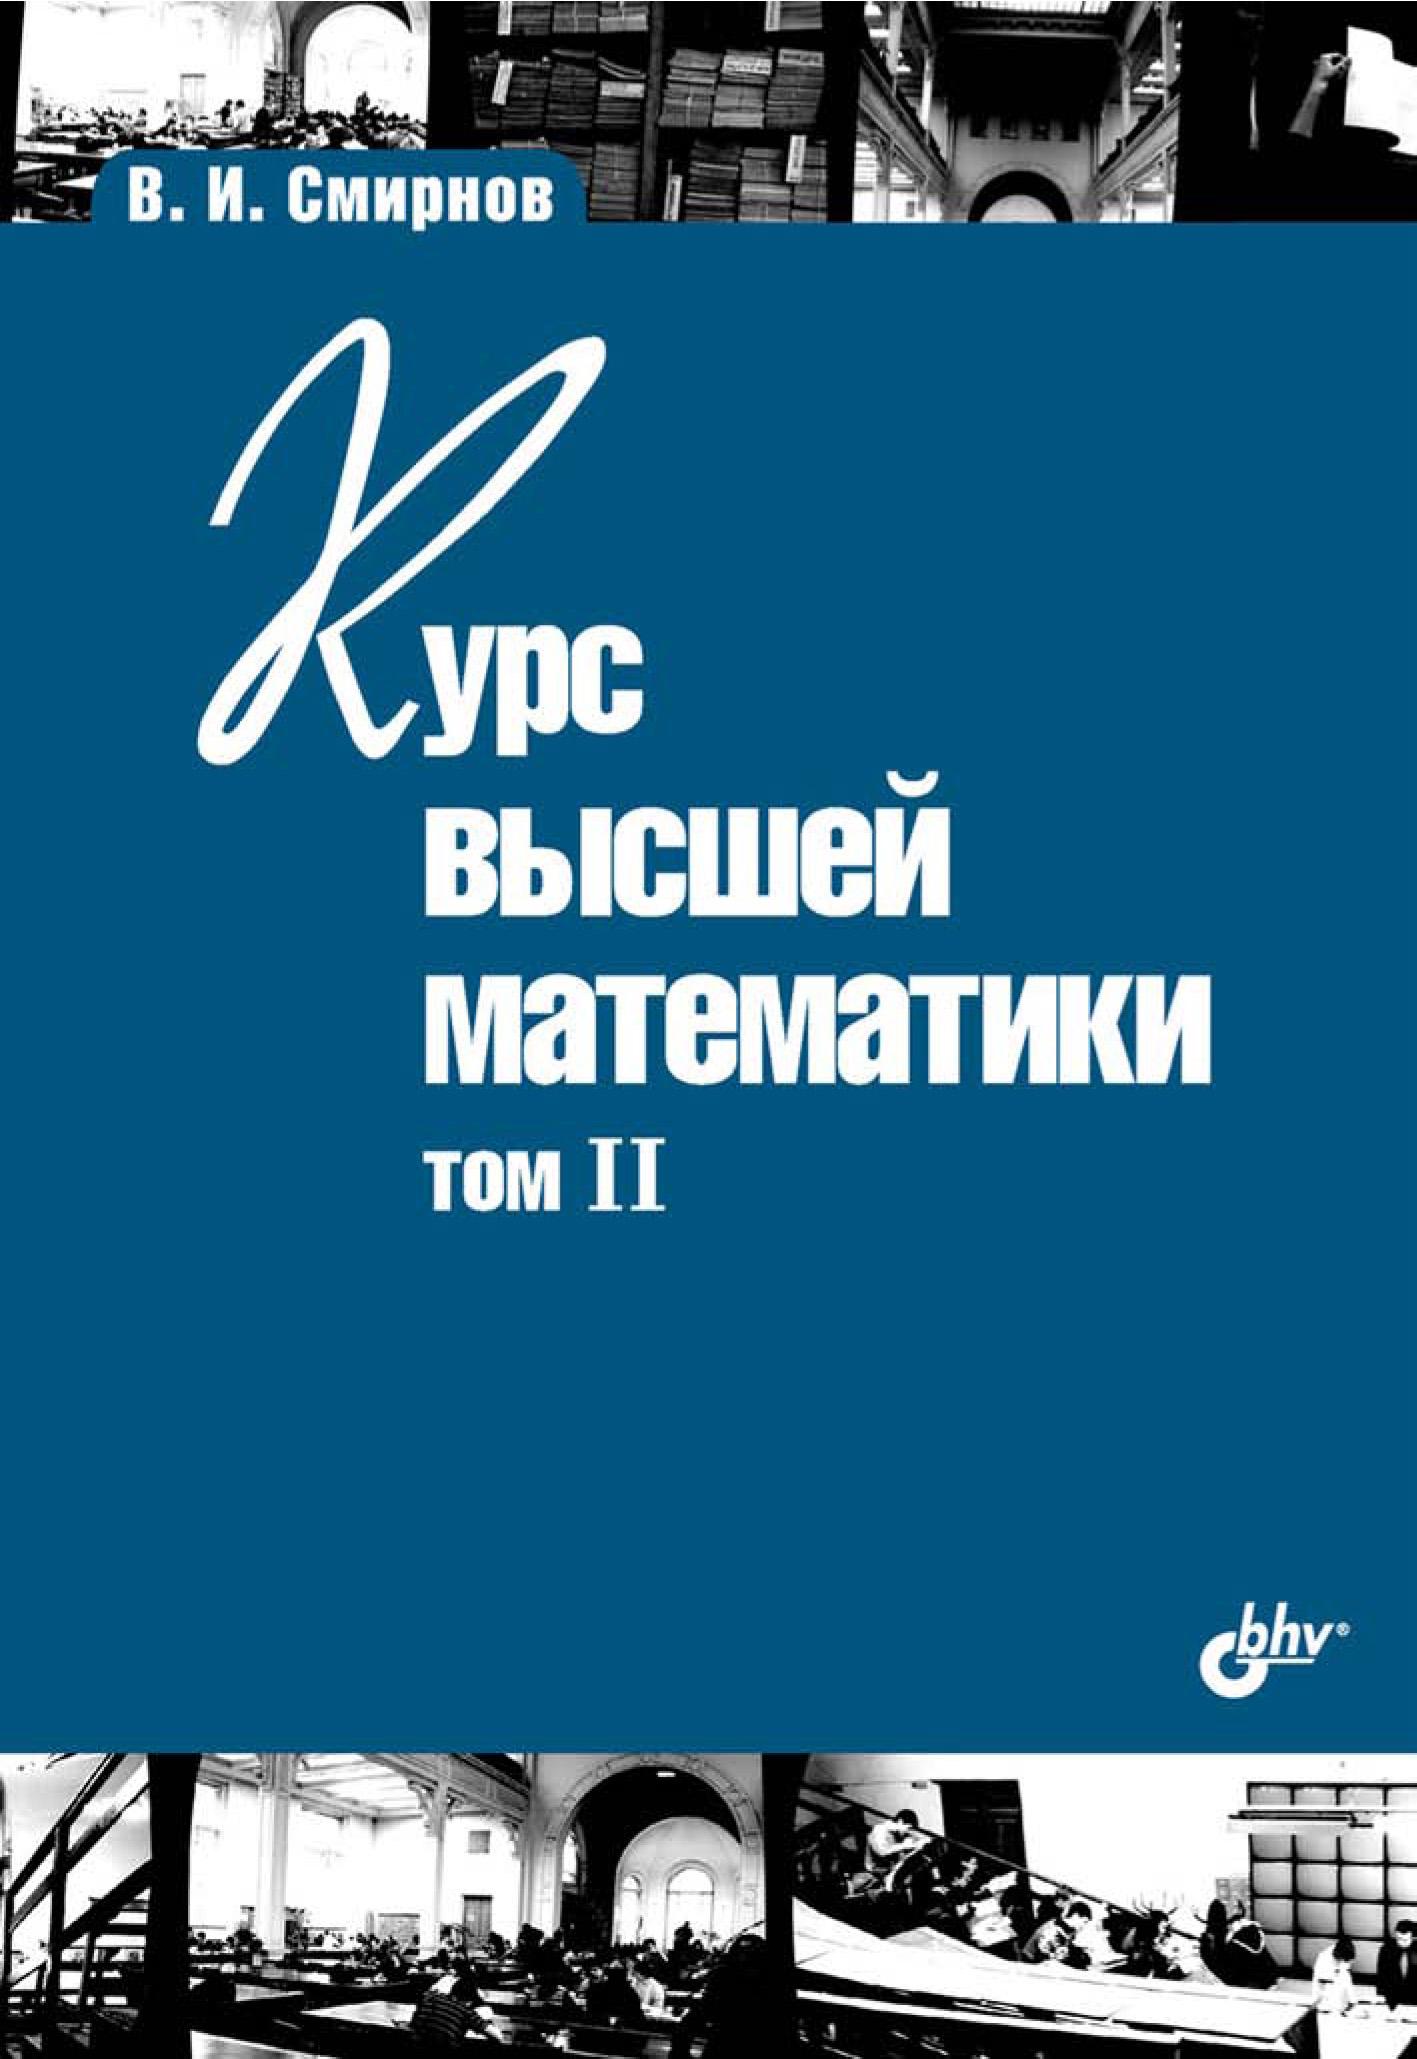 В. И. Смирнов Курс высшей математики. Том II